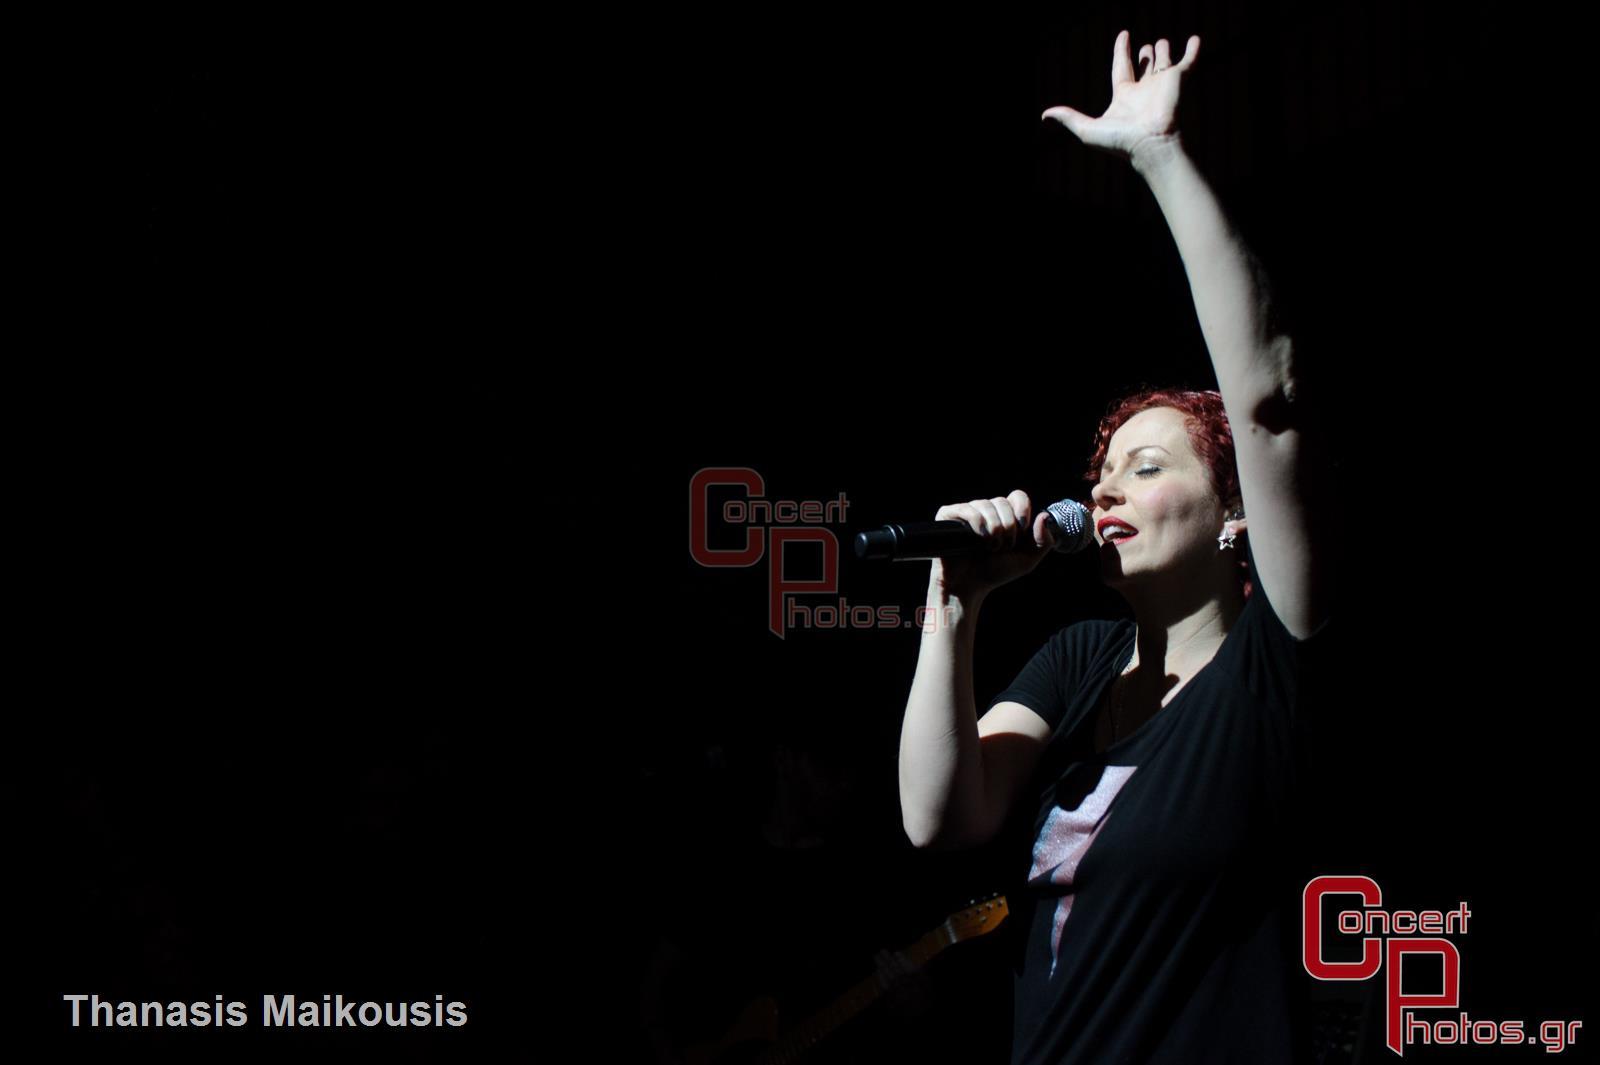 Anneke van Giersbergen-Anneke van Giersbergen photographer: Thanasis Maikousis - ConcertPhotos-0489